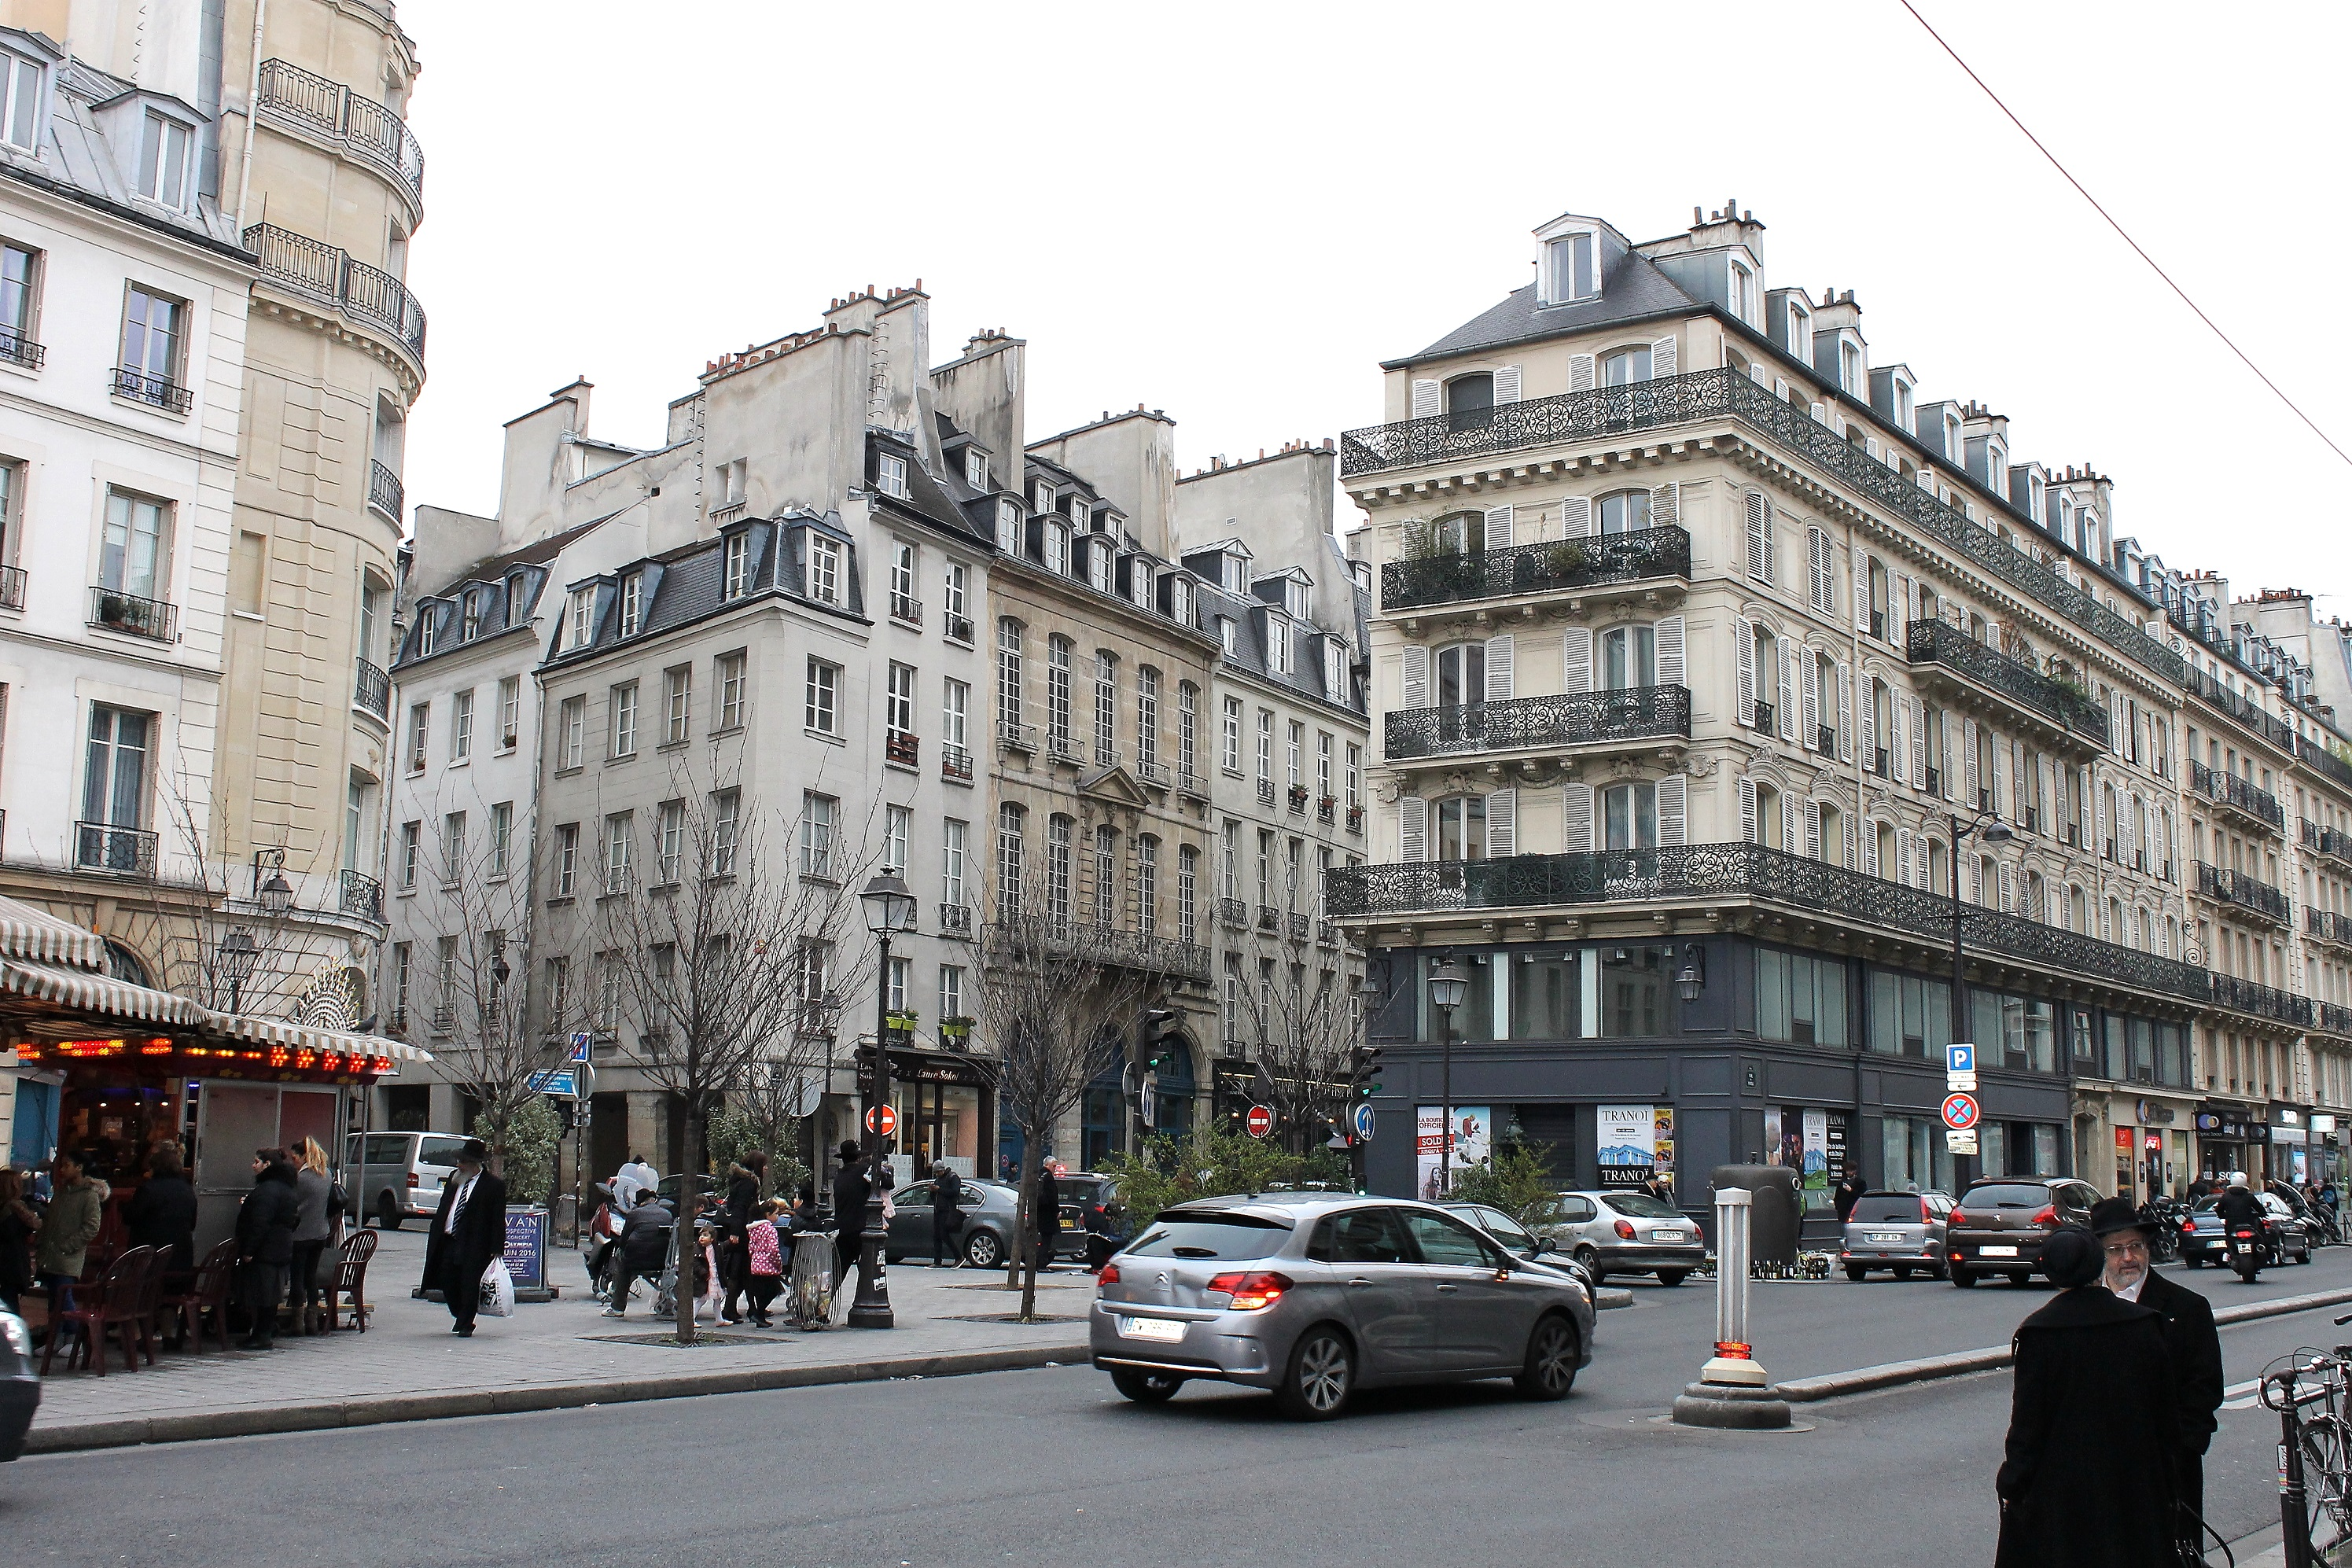 Streets of le marais paris snapshots